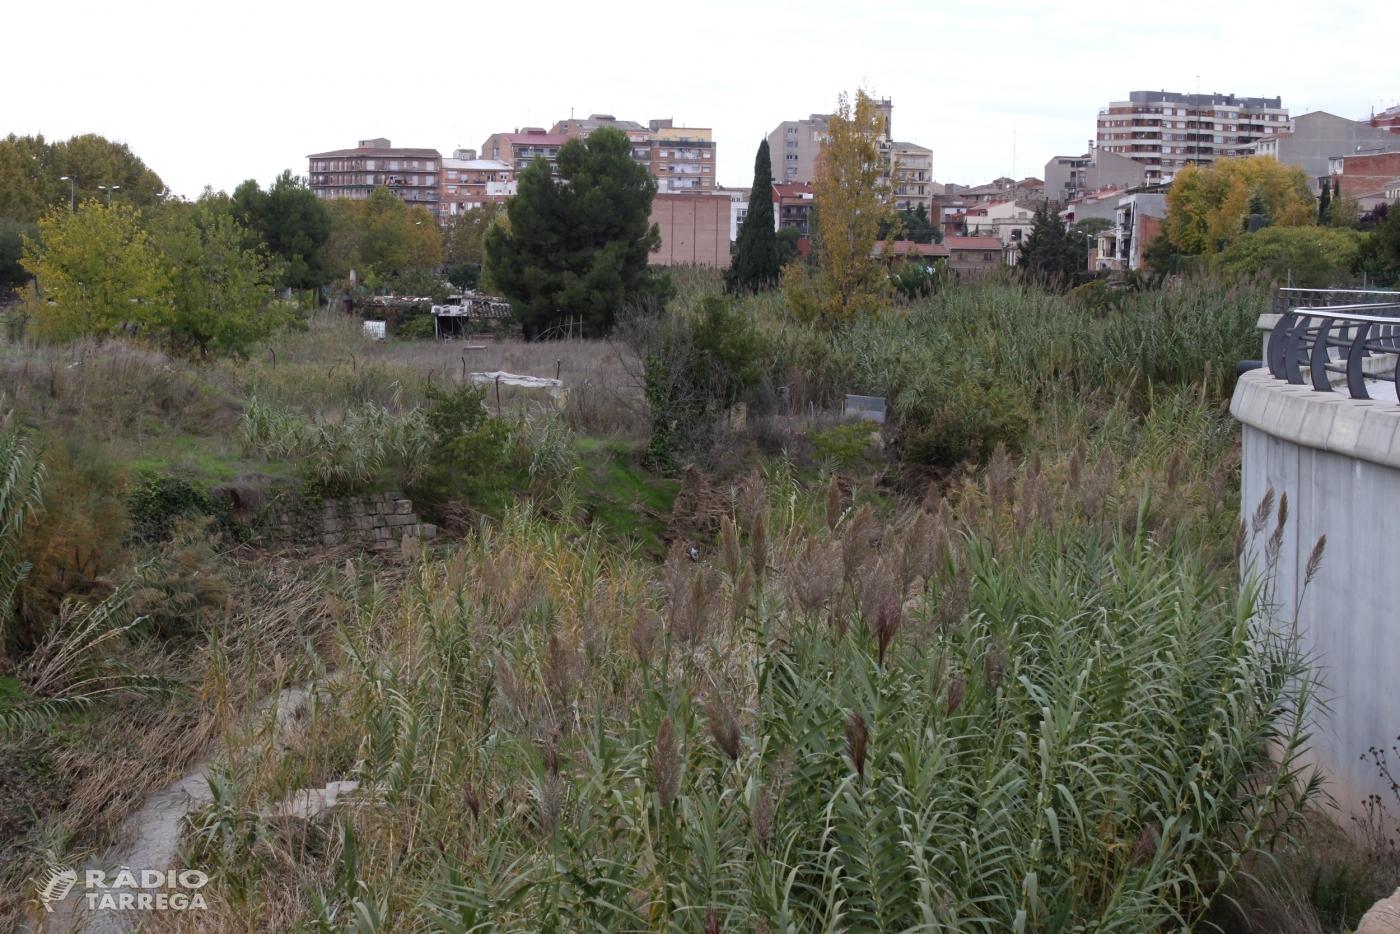 L'Ajuntament de Tàrrega finalitza l'expropiació d'horts vora el riu Ondara i licitarà durant el desembre les obres per convertir l'espai en zona de passeig